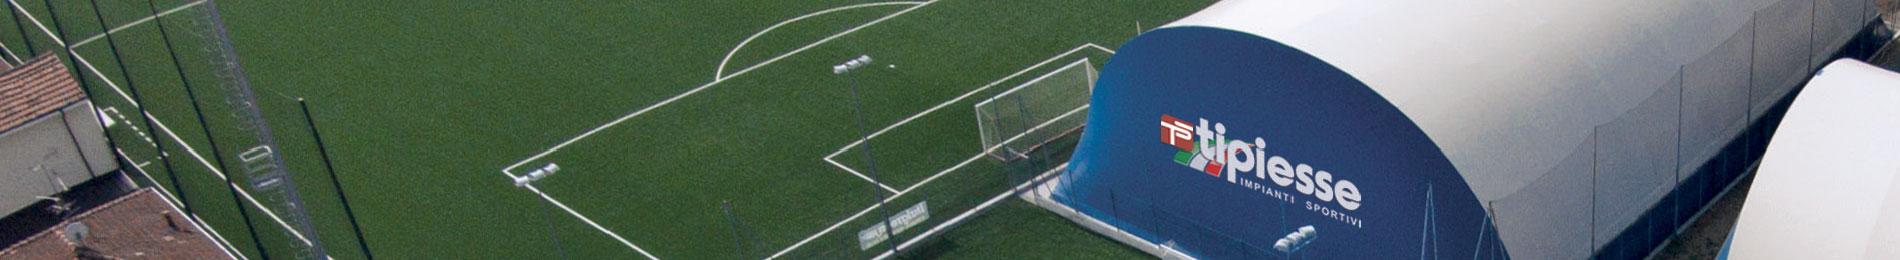 tipiesse-progettazione-e-realizzazione-impianti-sportivi-per-il-calcio-calcetto